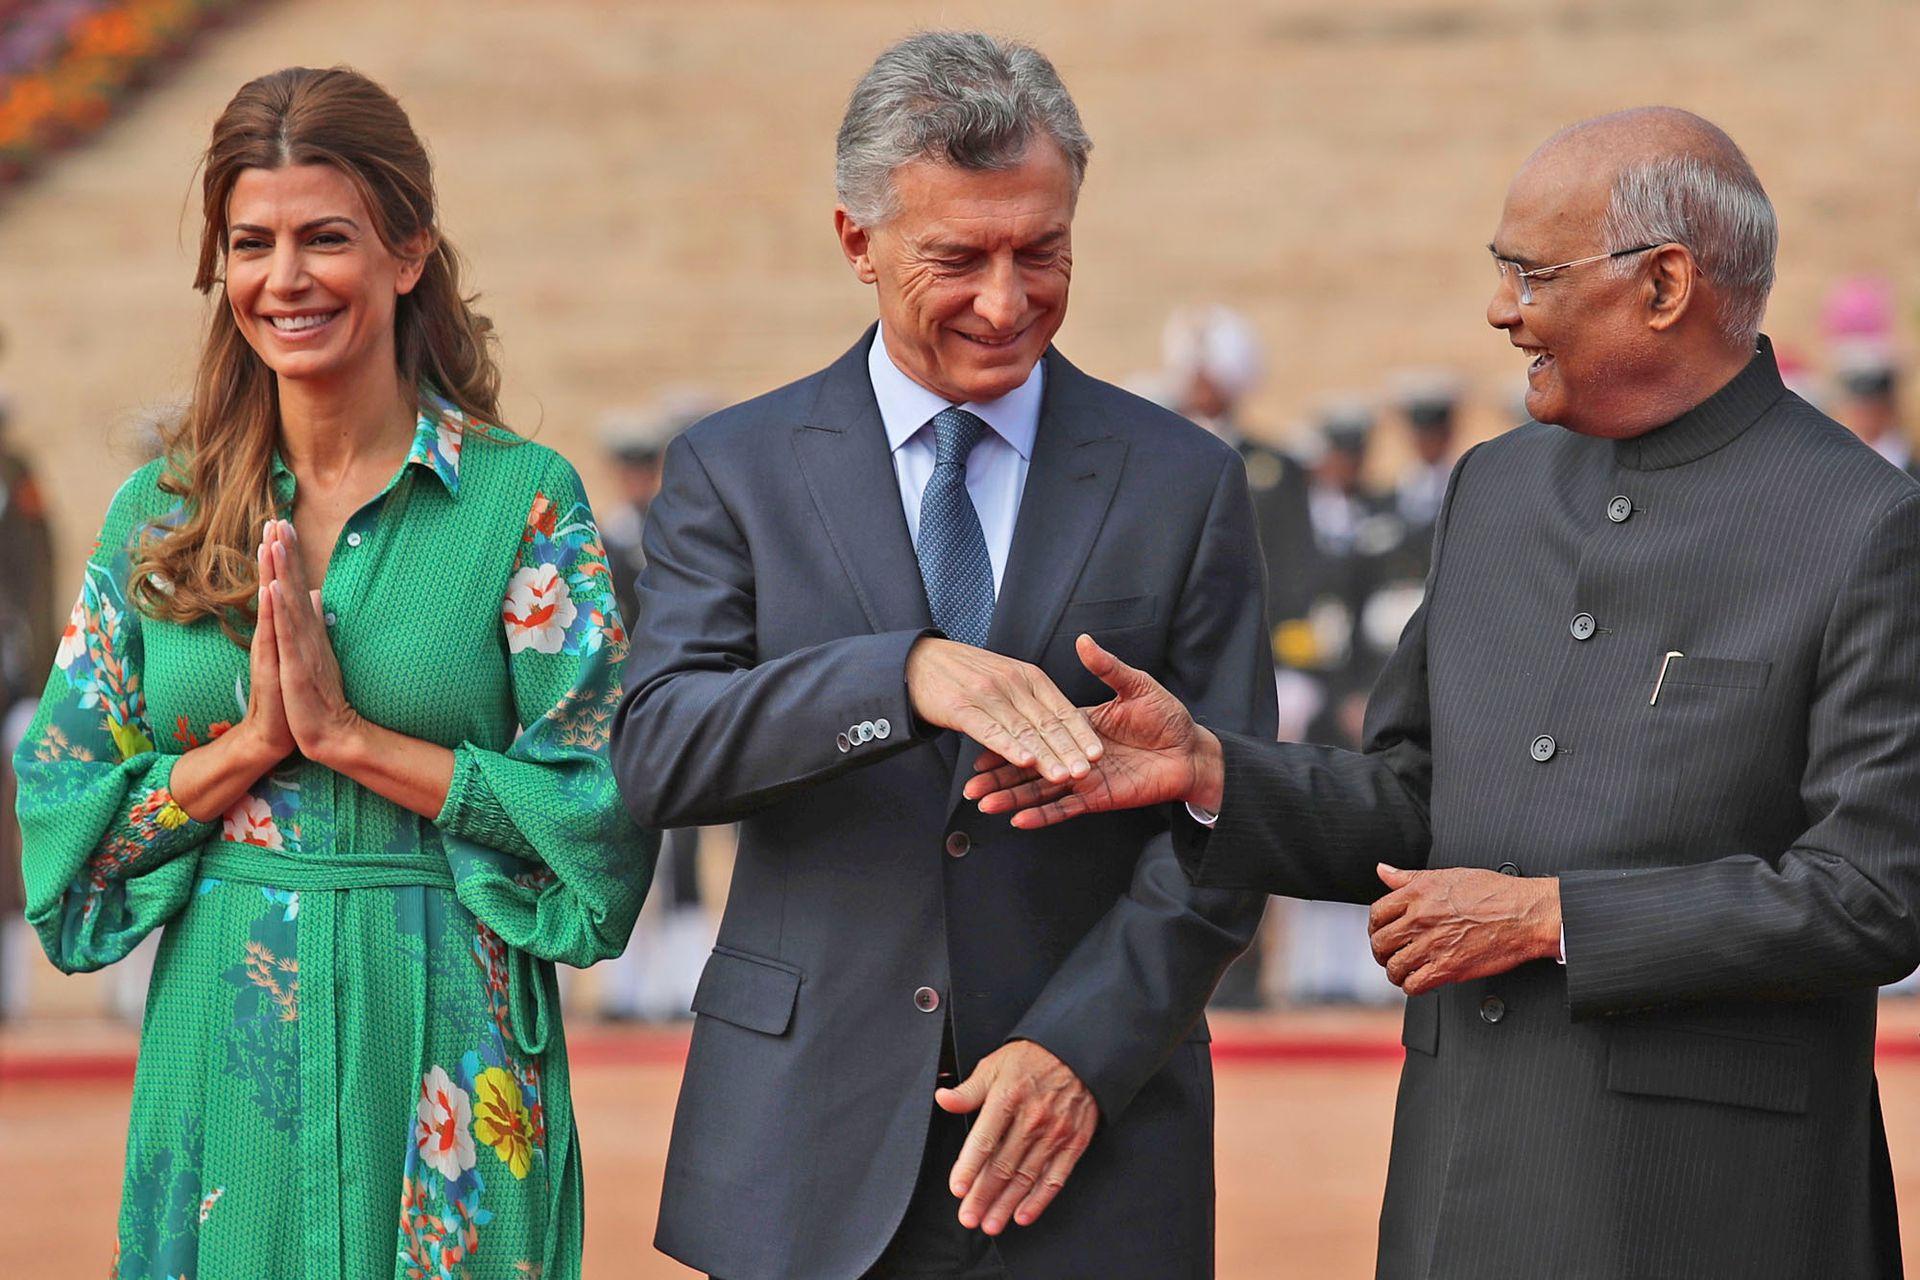 El presidente de la India, Ram Nath Kovind, da la mano a su par argentino, Mauricio Macri